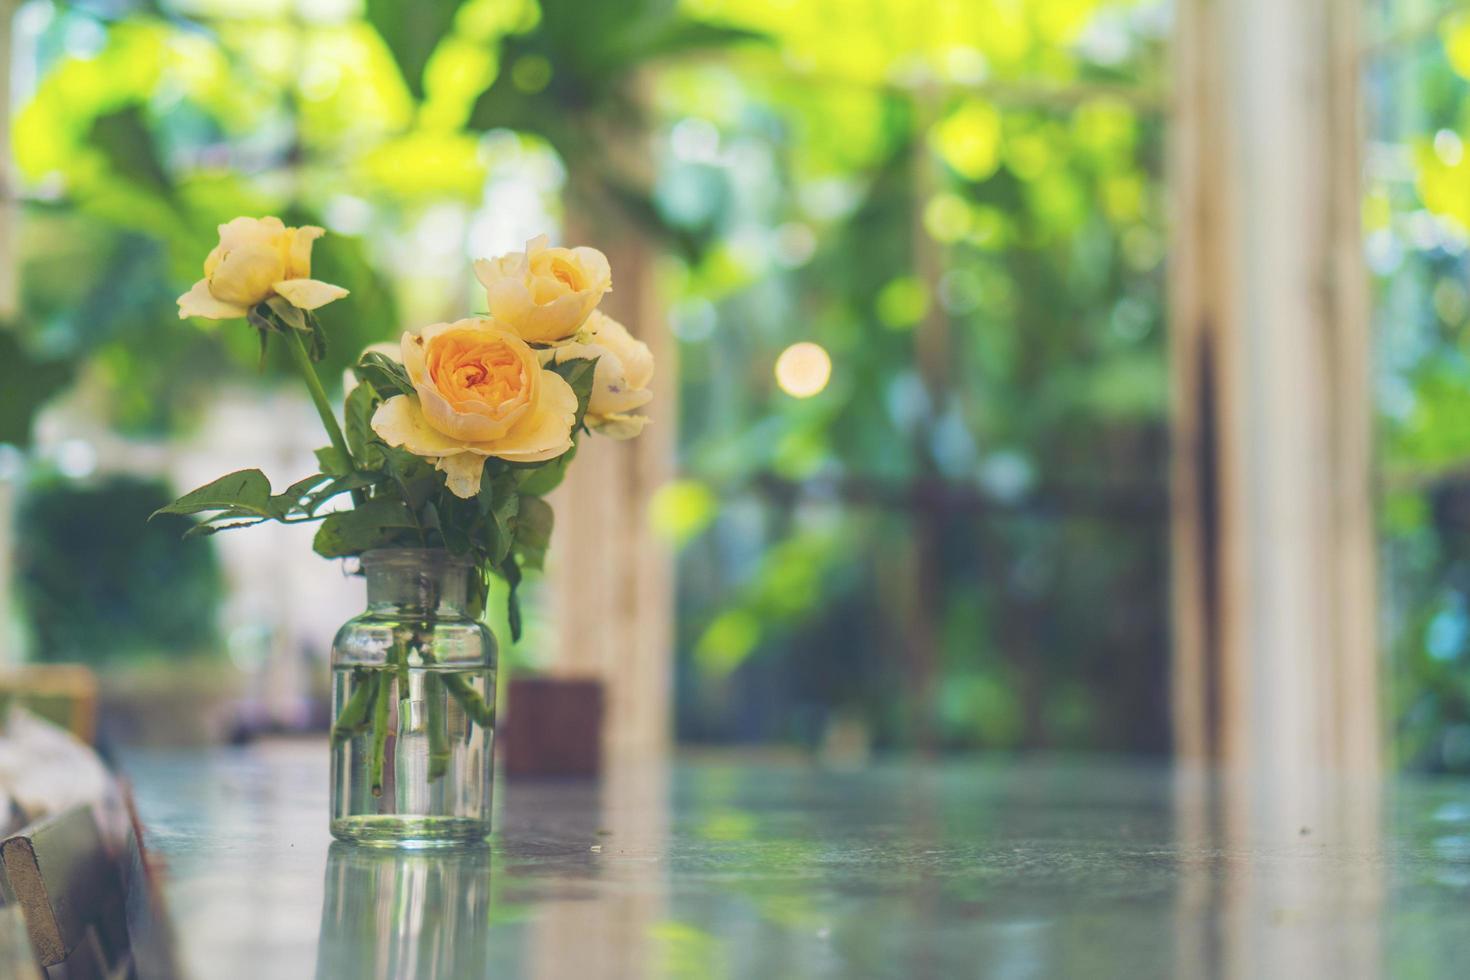 perzikrozen in een vaas foto